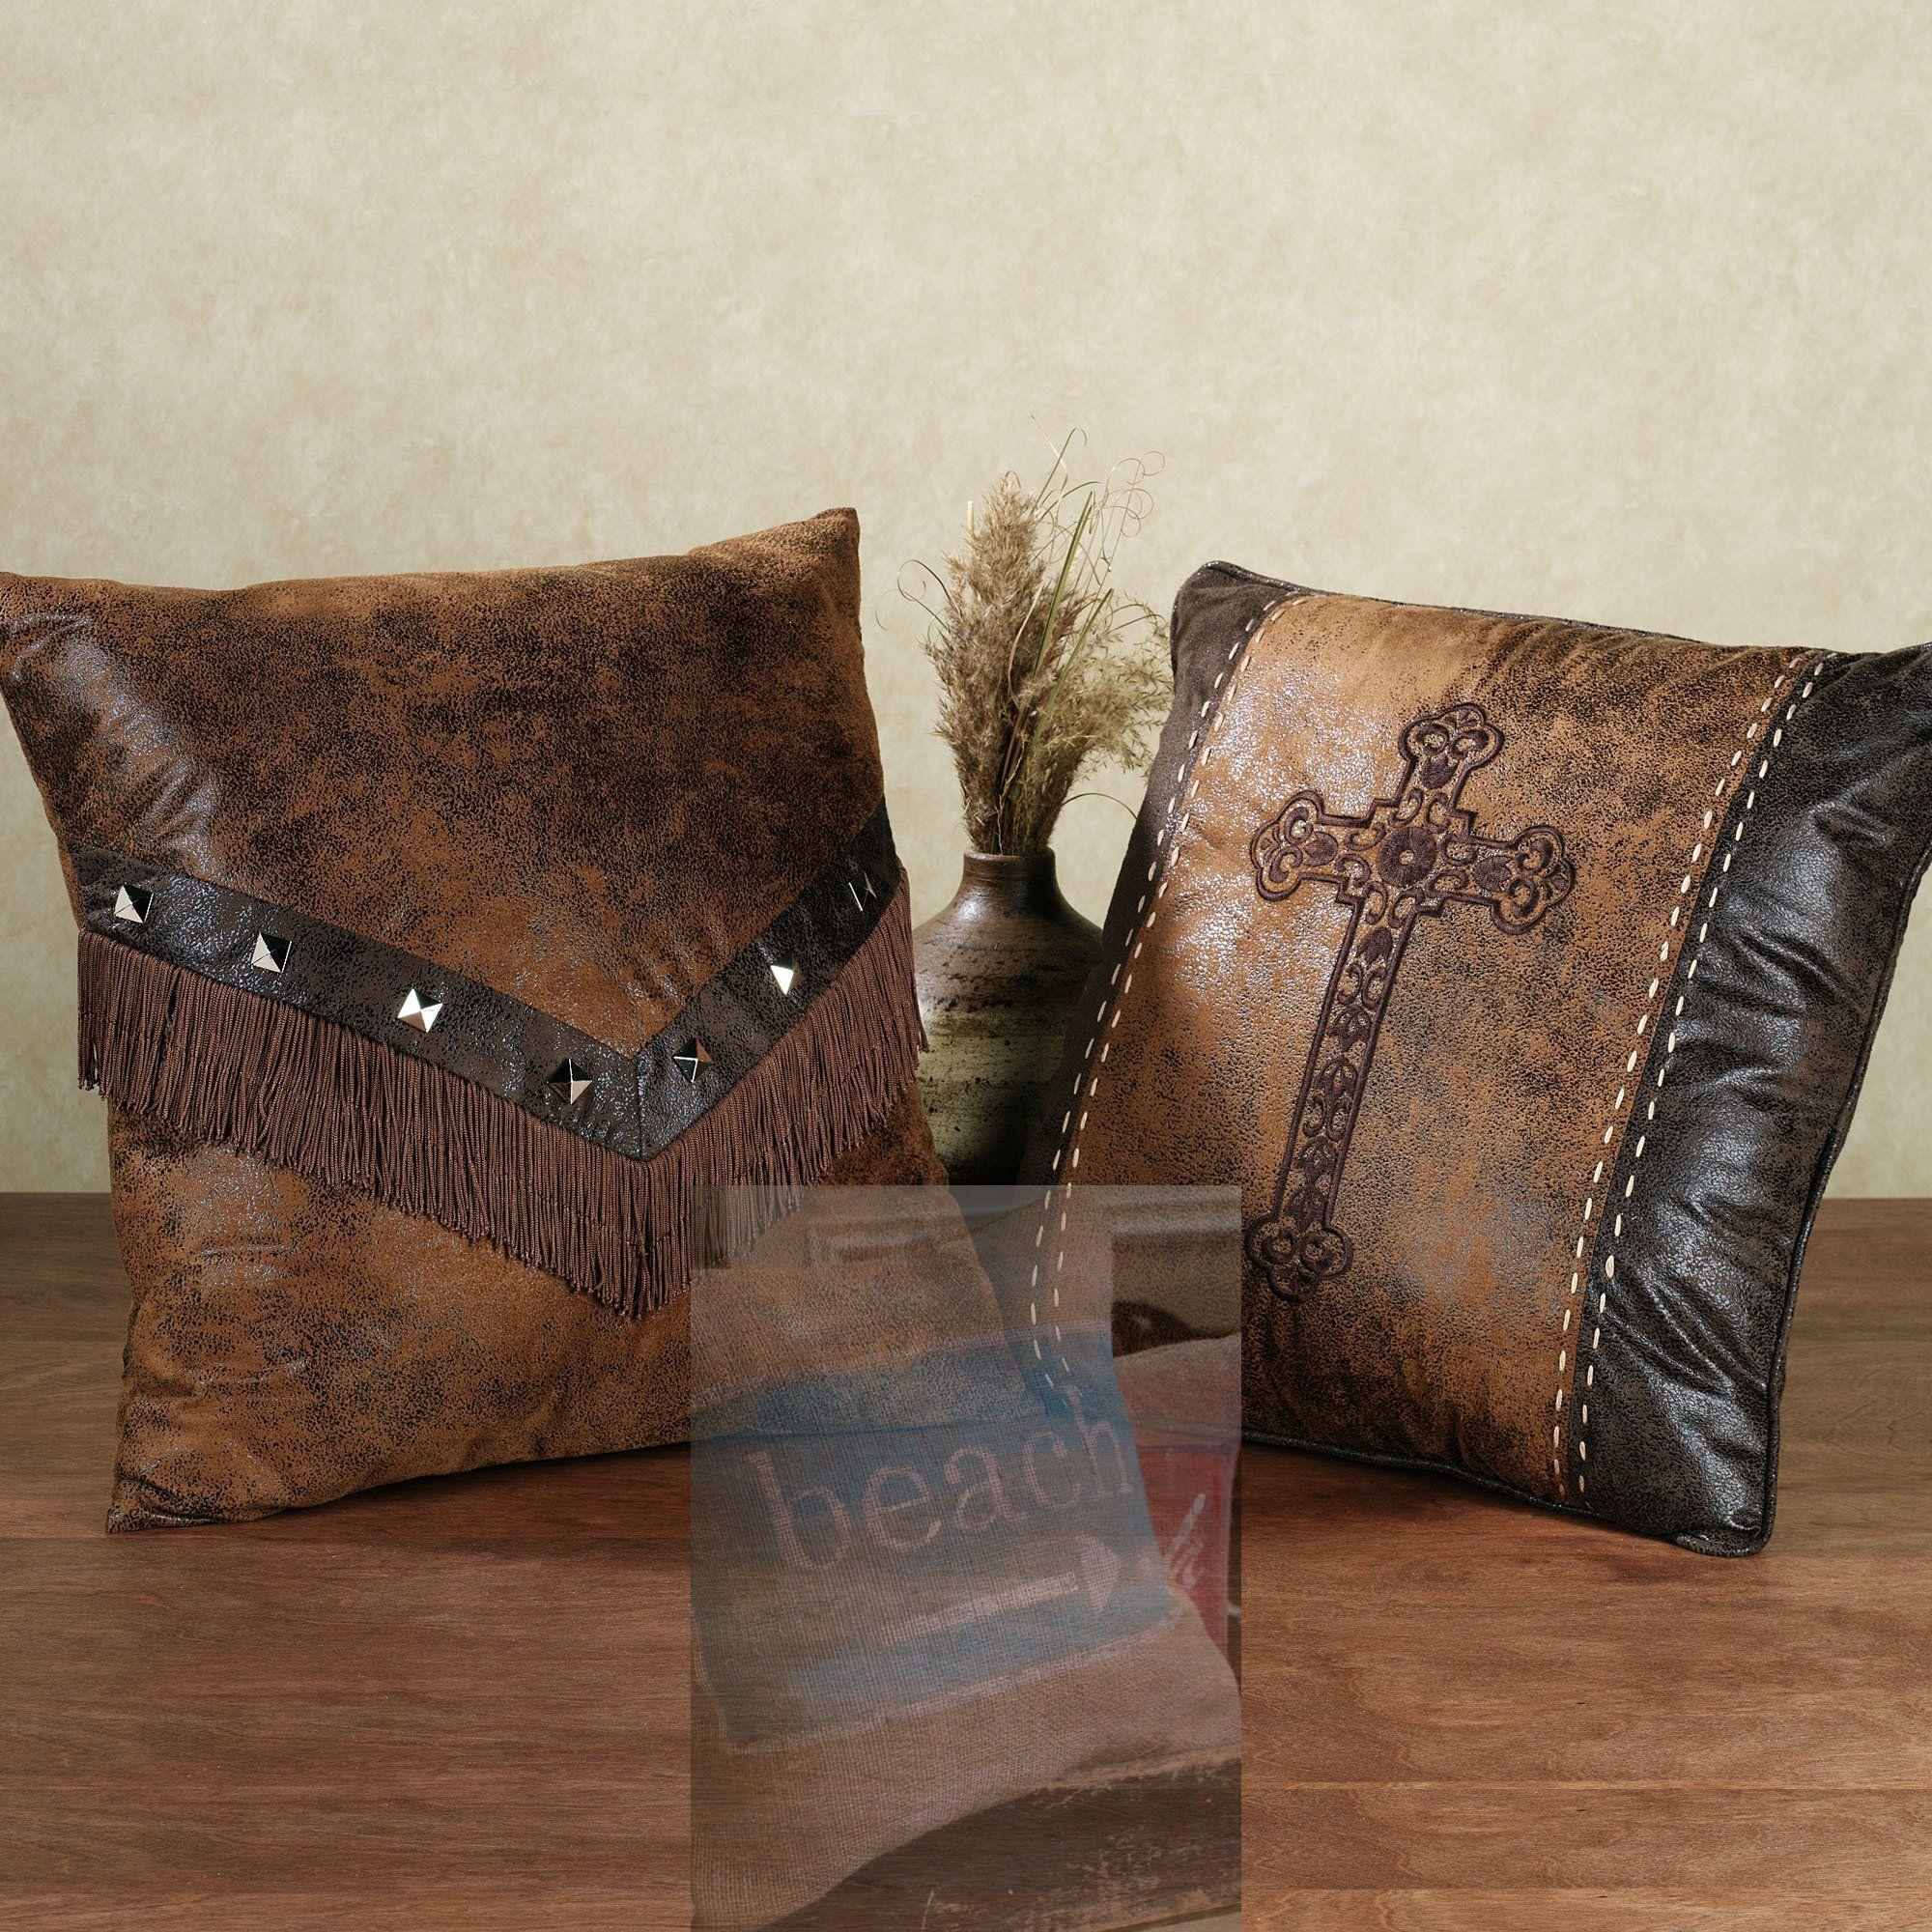 Portentous unique ideas sewing decorative pillows pillowcases how